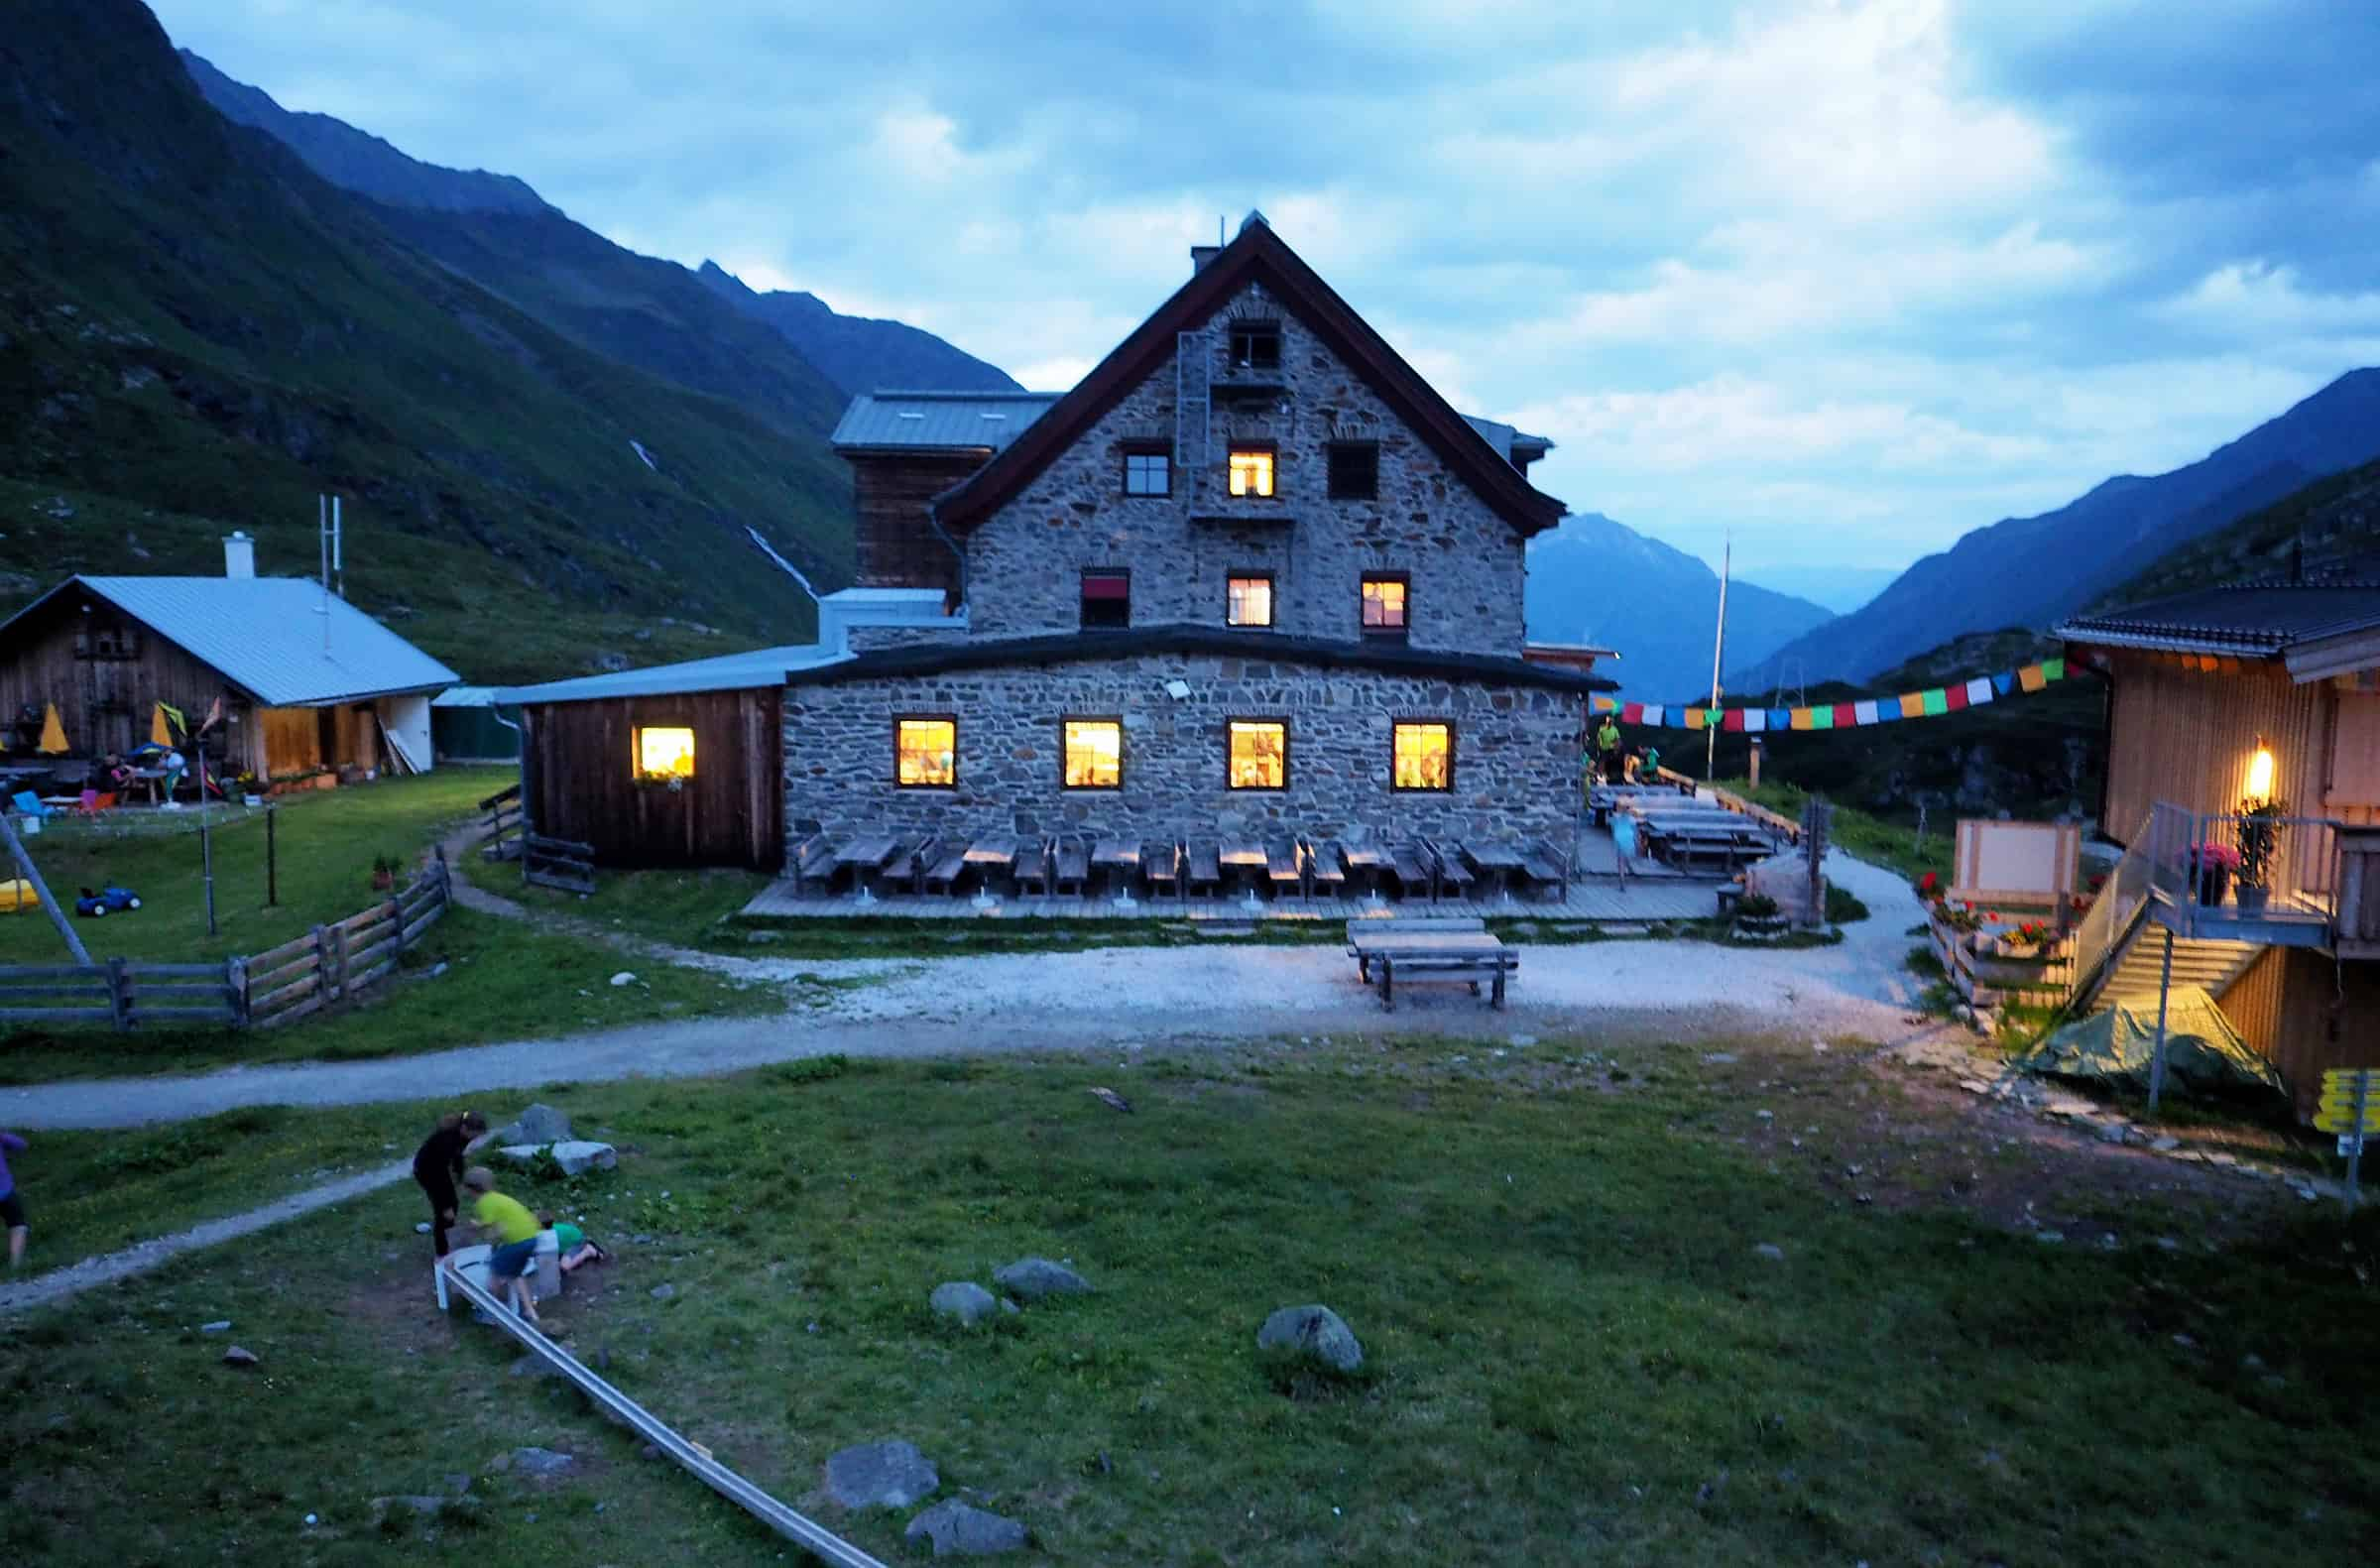 De hut in de avond